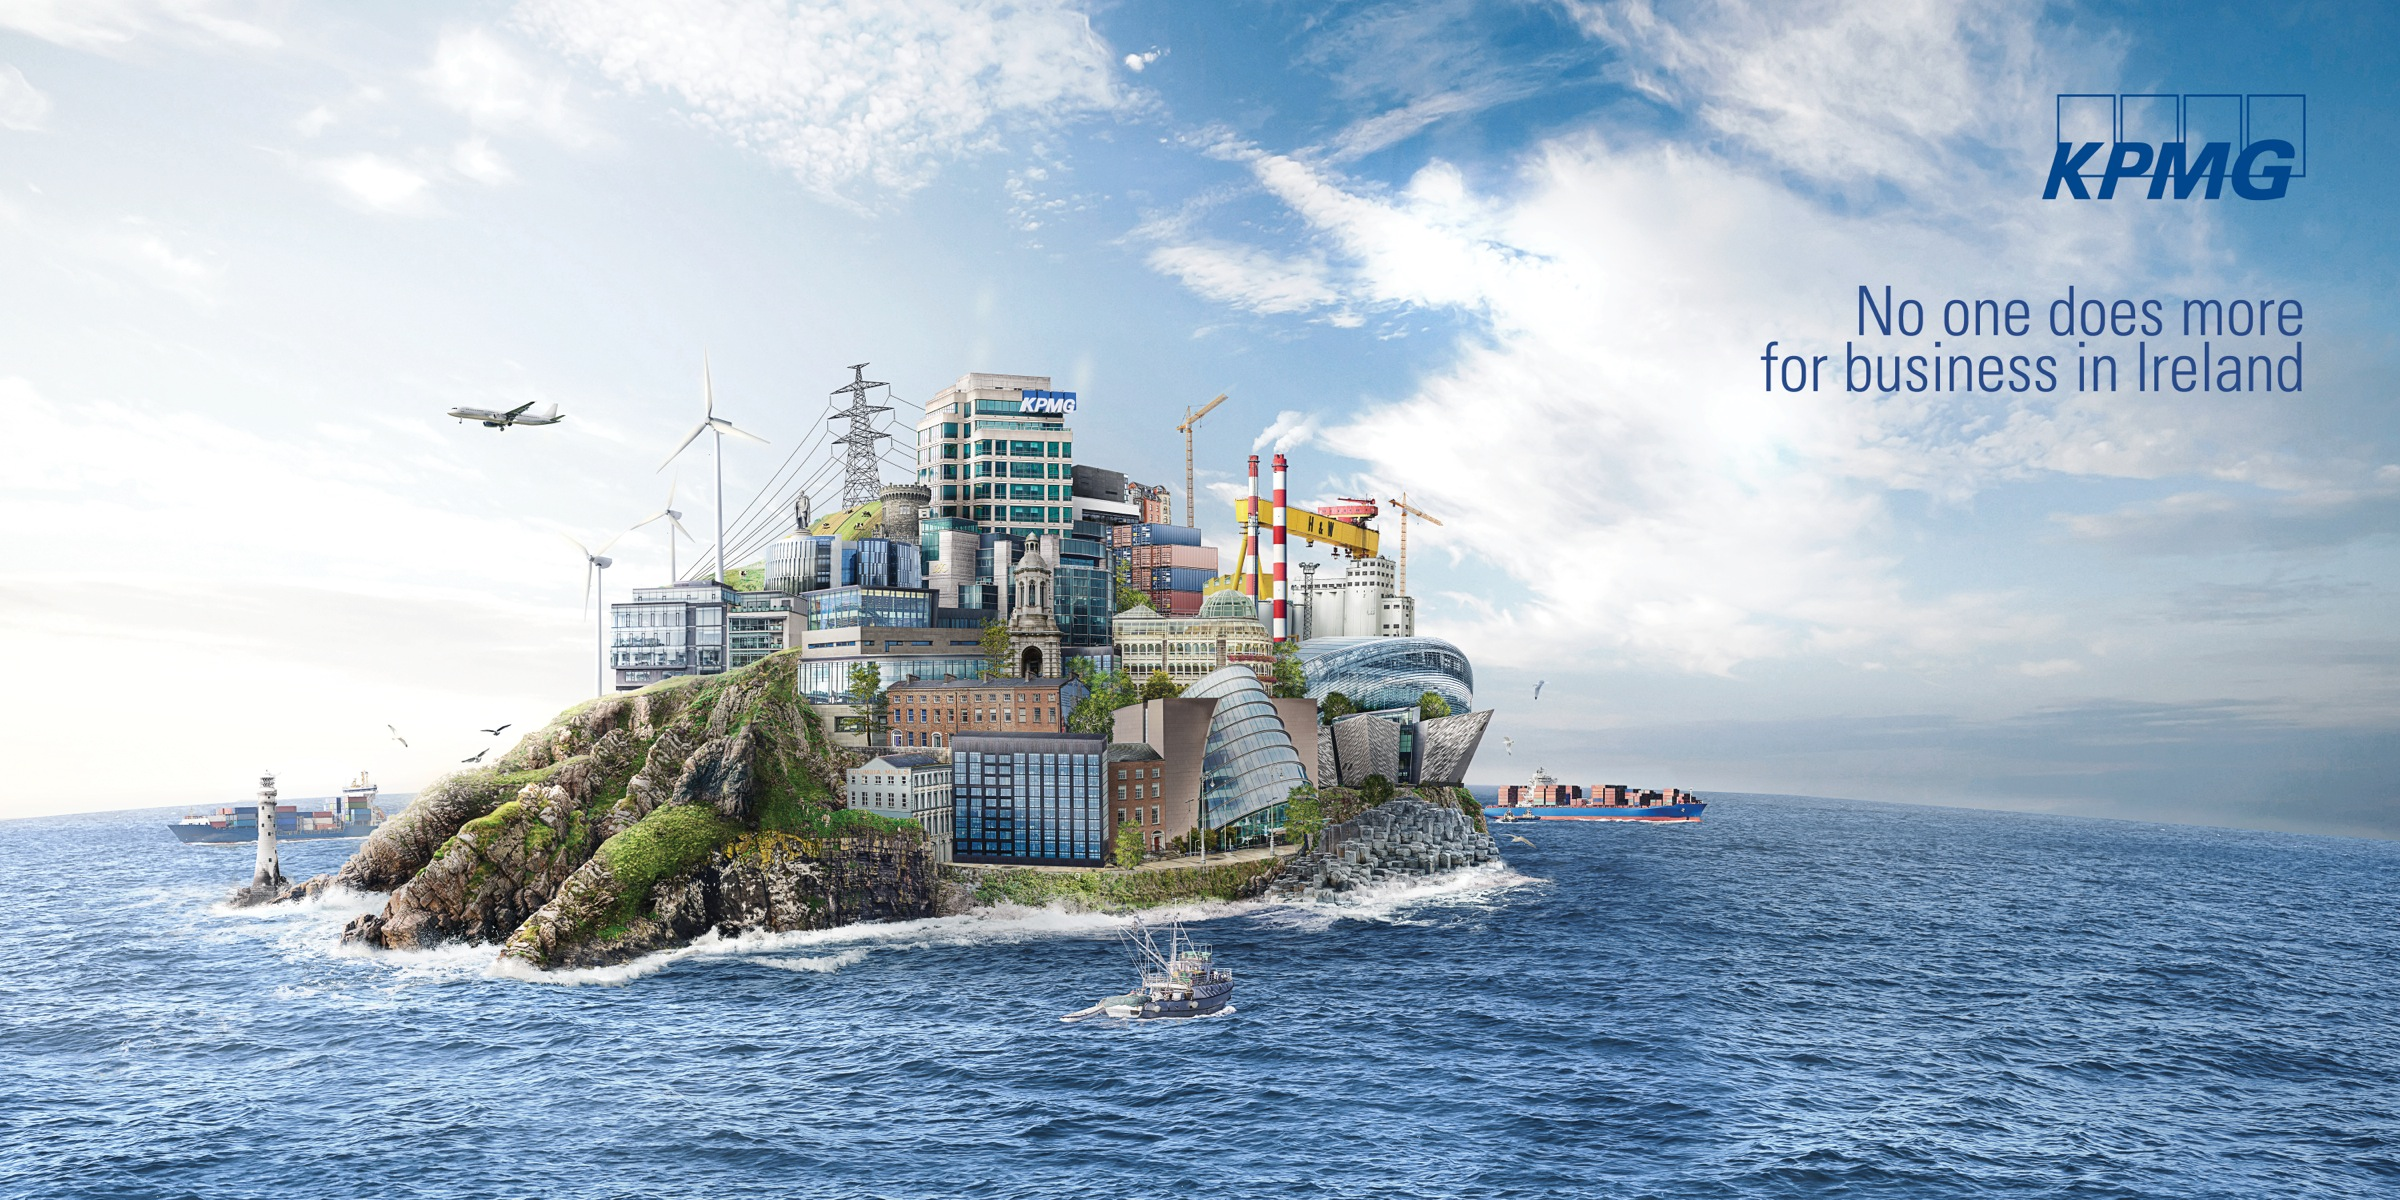 kpmg-island-print-381983-adeevee